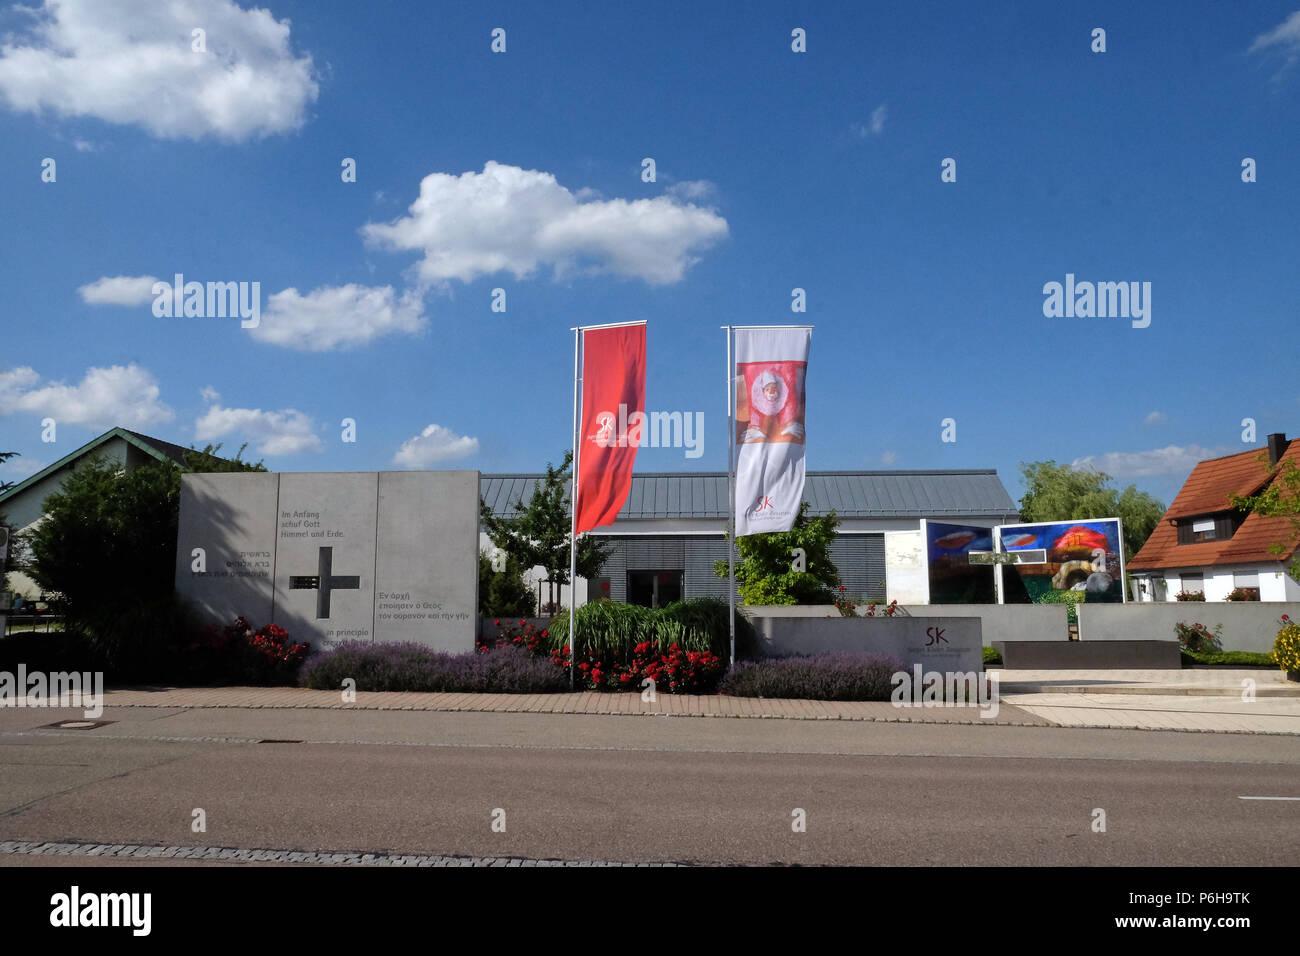 Sieger Koder Center and Biblegarden in Rosenberg, Germany - Stock Image